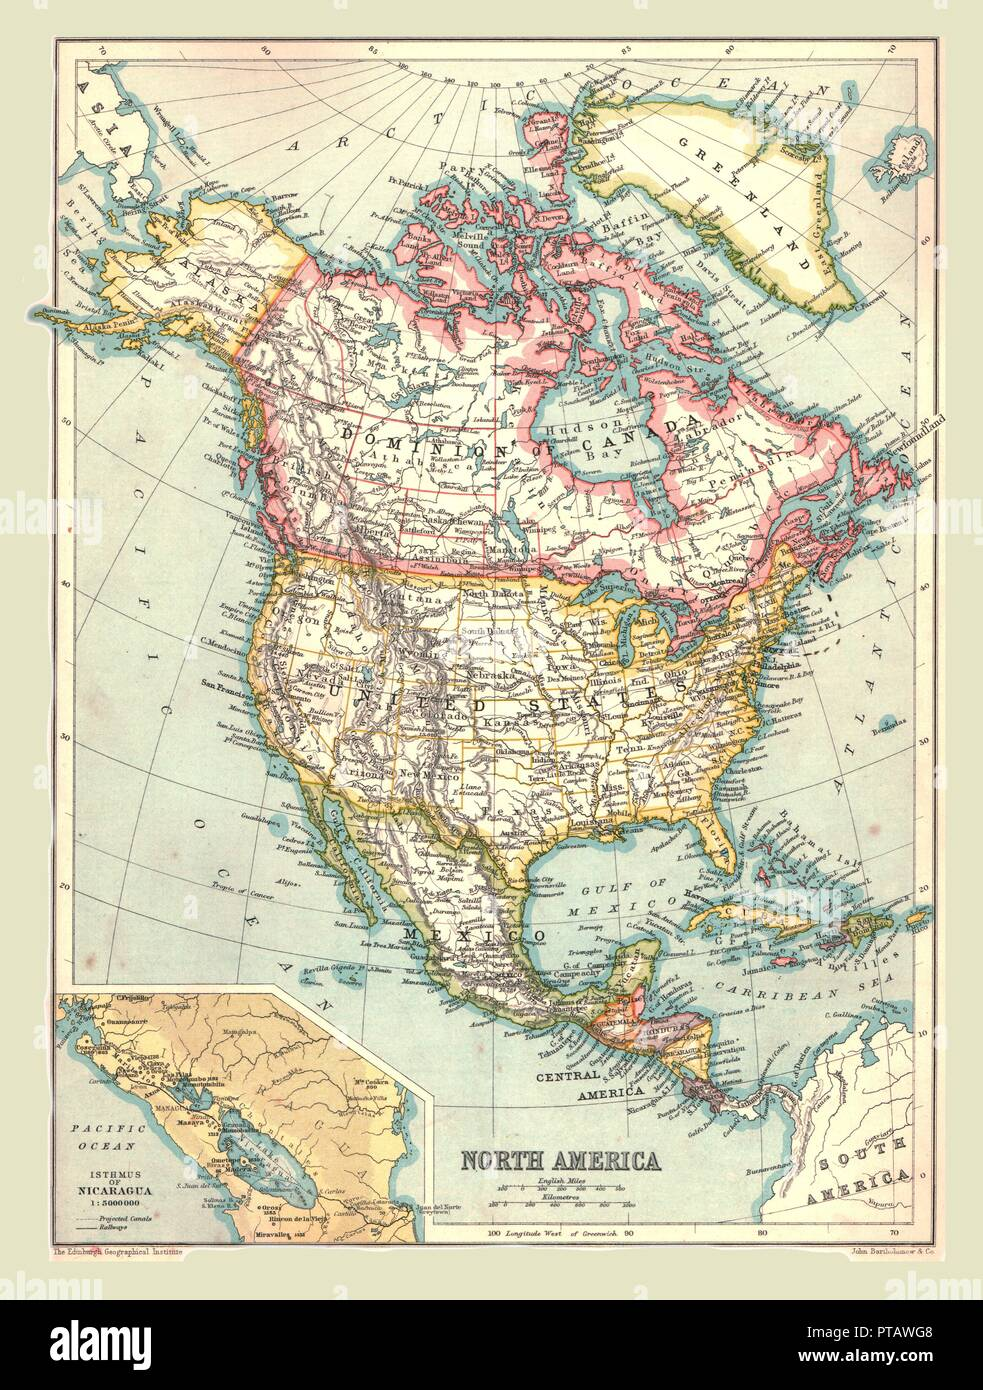 Karibik Karte Welt.Karte Von Nordamerika 1902 Mit Den Usa Kanada Grönland